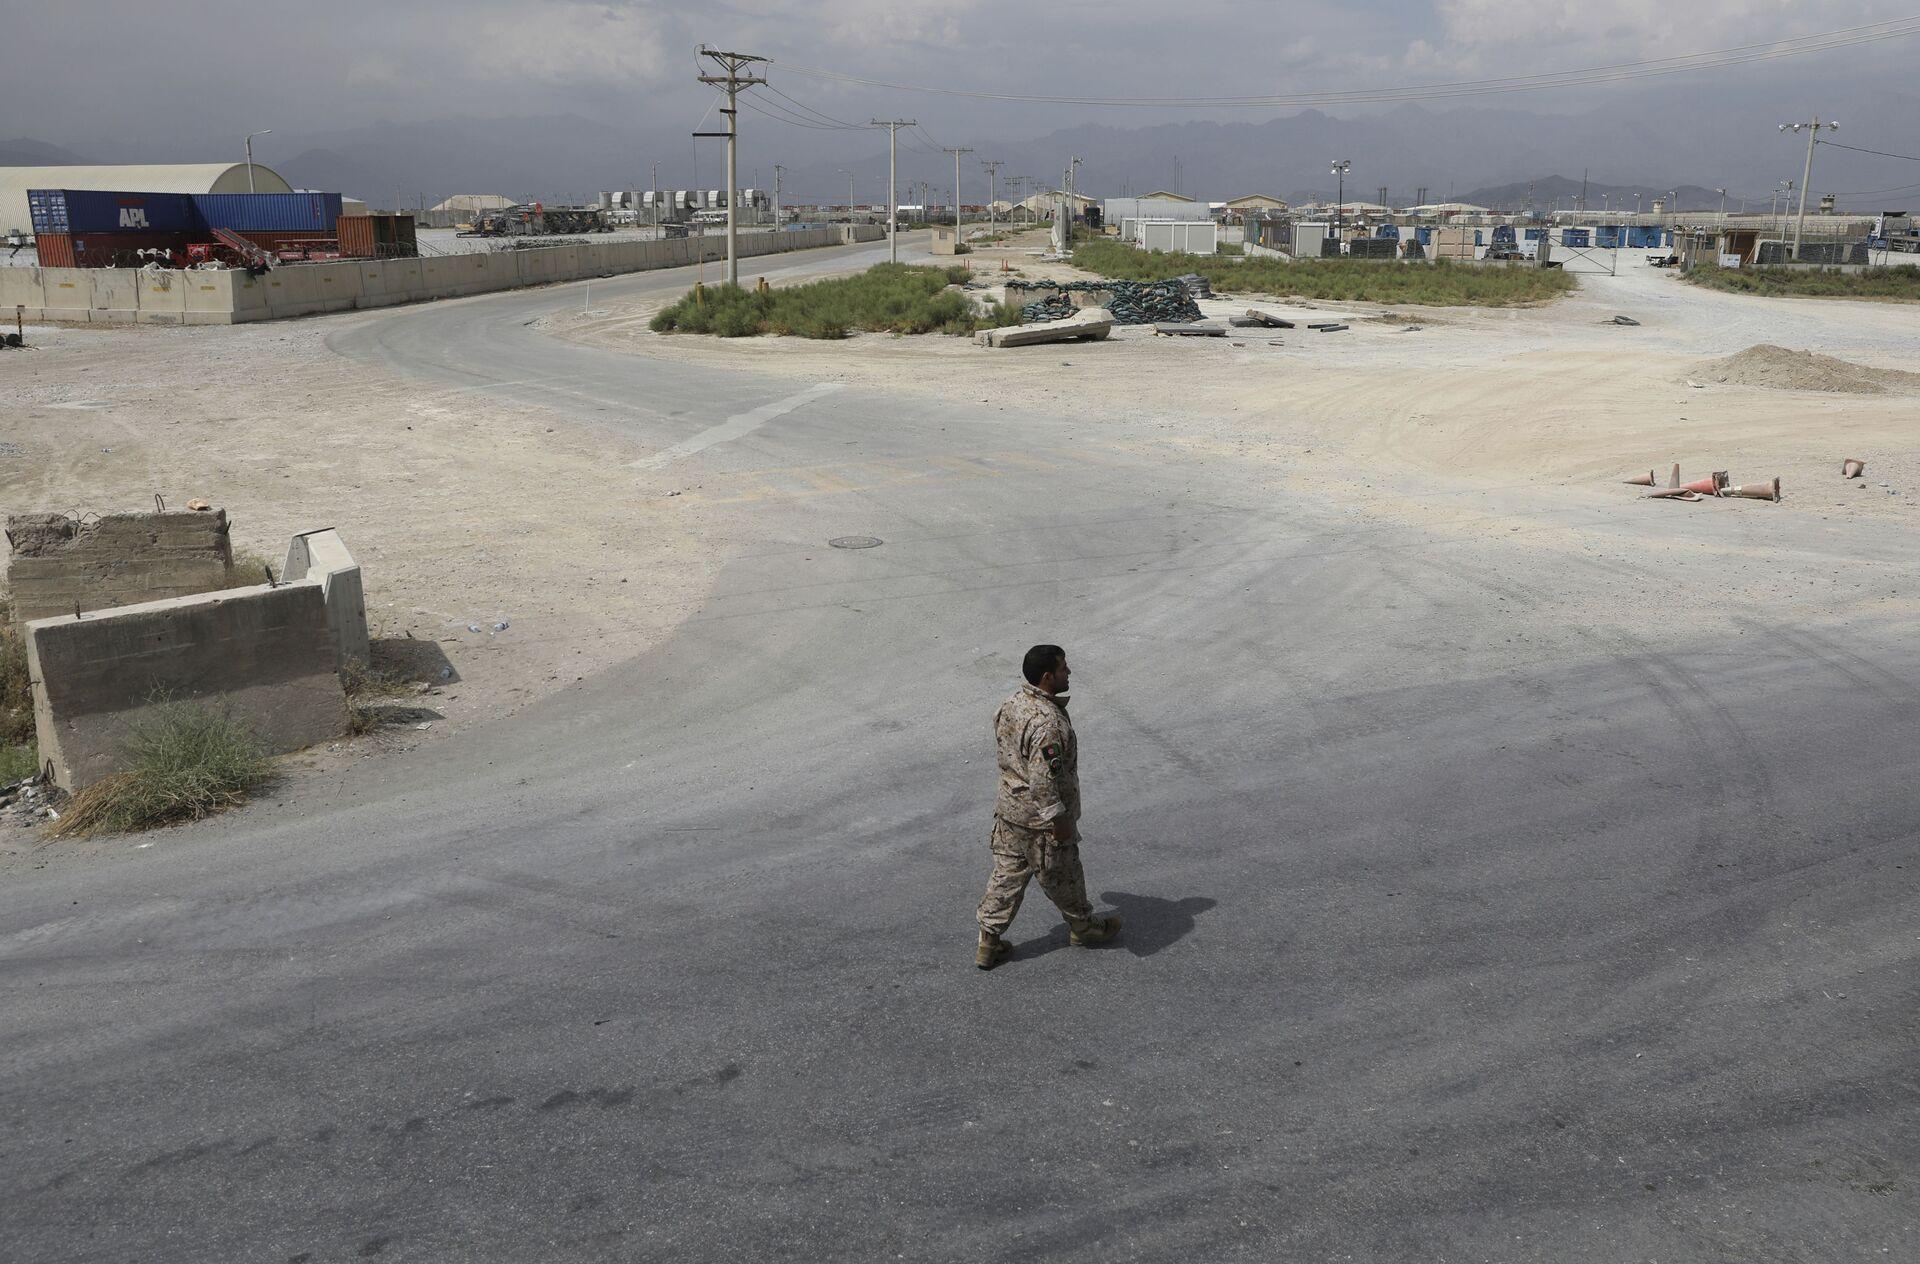 Trupe Sjedinjenih Država su, isključivanjem struje i iskradanjem tokom noći, napustile avganistansku vazduhoplovnu bazu i aerodrom Bagram - Sputnik Srbija, 1920, 13.07.2021